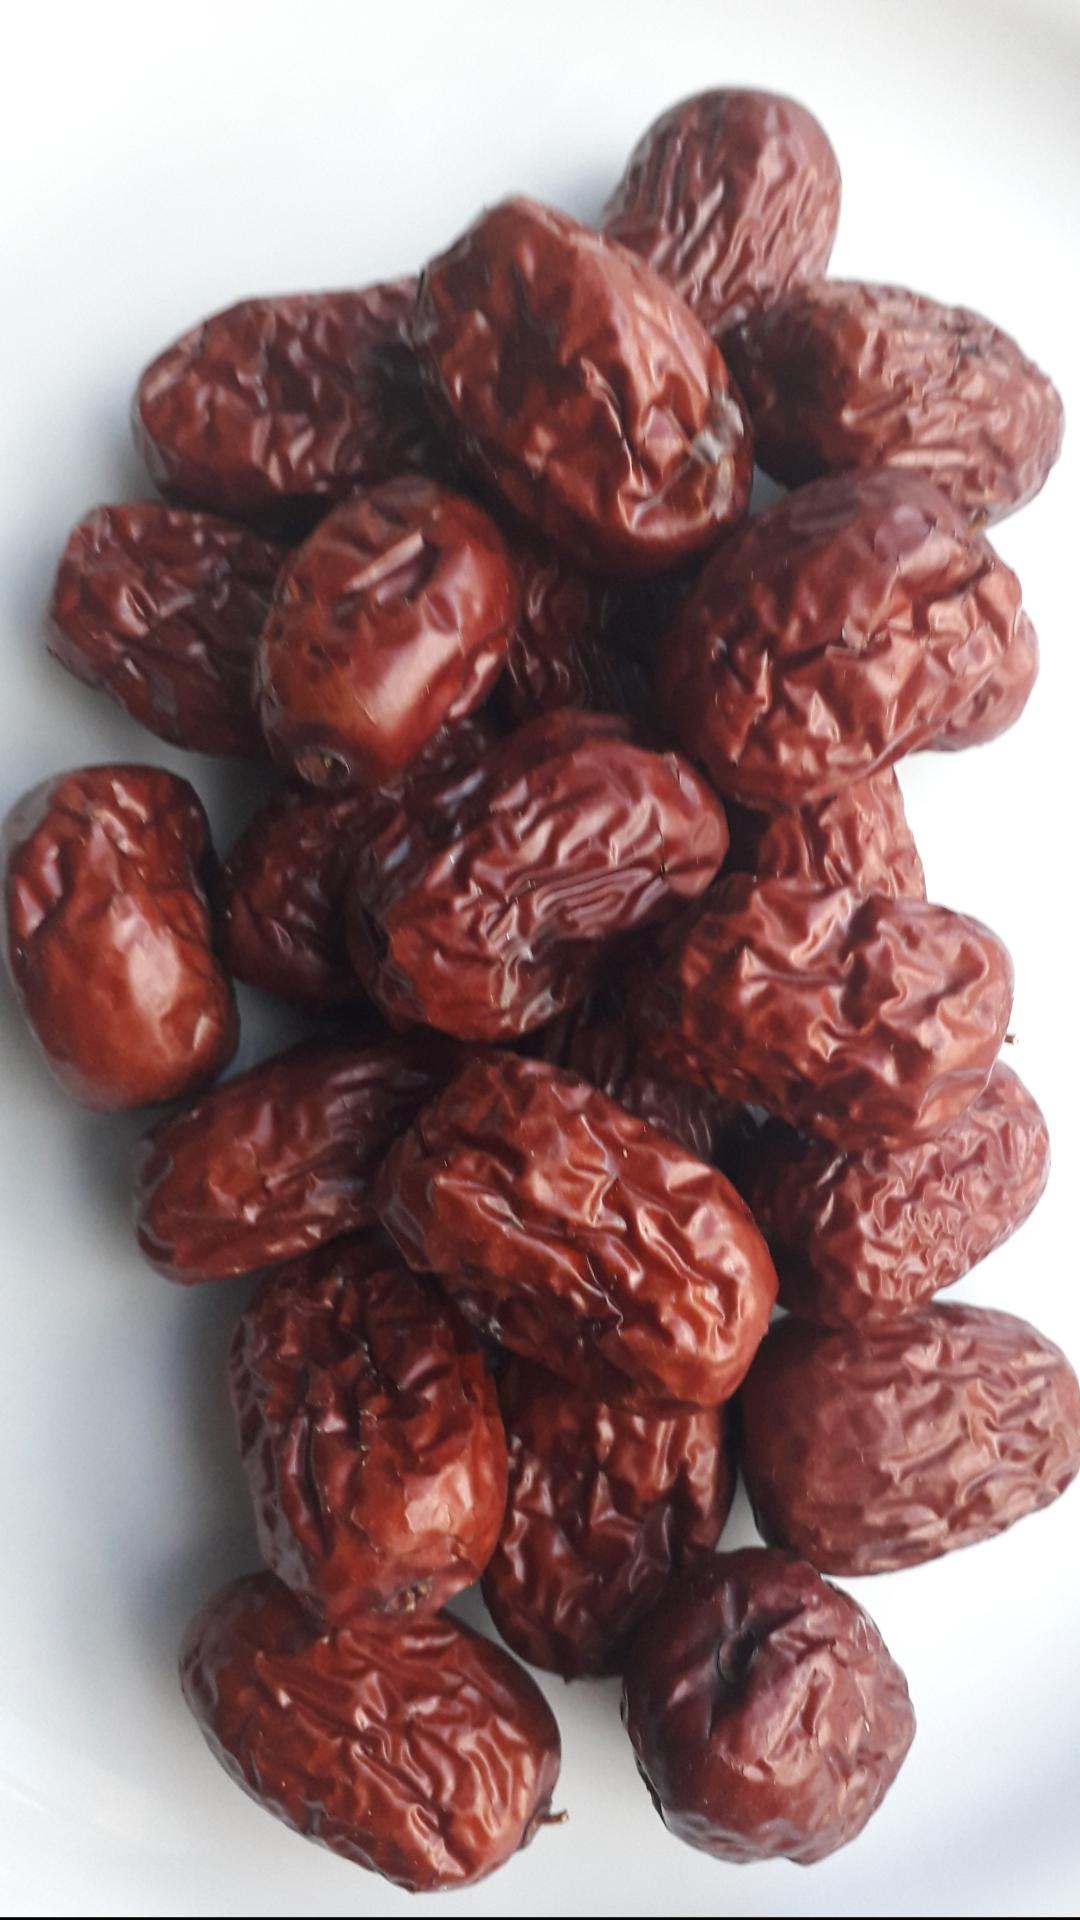 Chinese rode dadels of jujube als natuurlijke remedie tegen lage bloeddruk